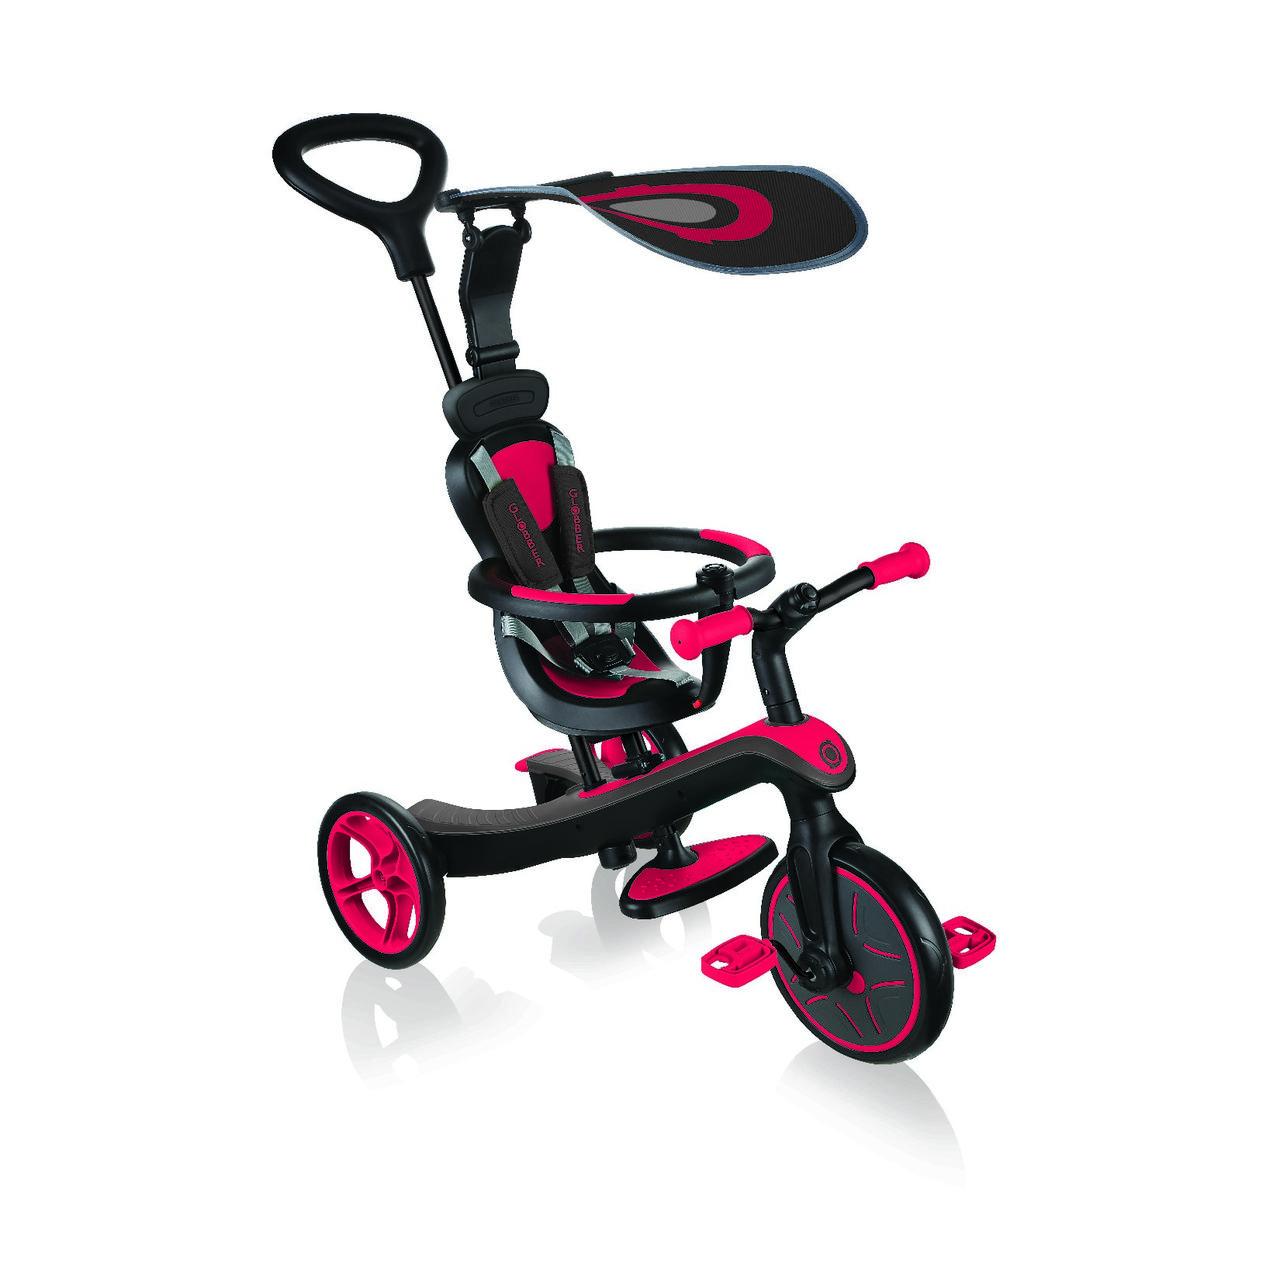 Велосипед дитячий GLOBBER серії EXPLORER TRIKE 4в1, червоний, до 20кг, 3 колеса